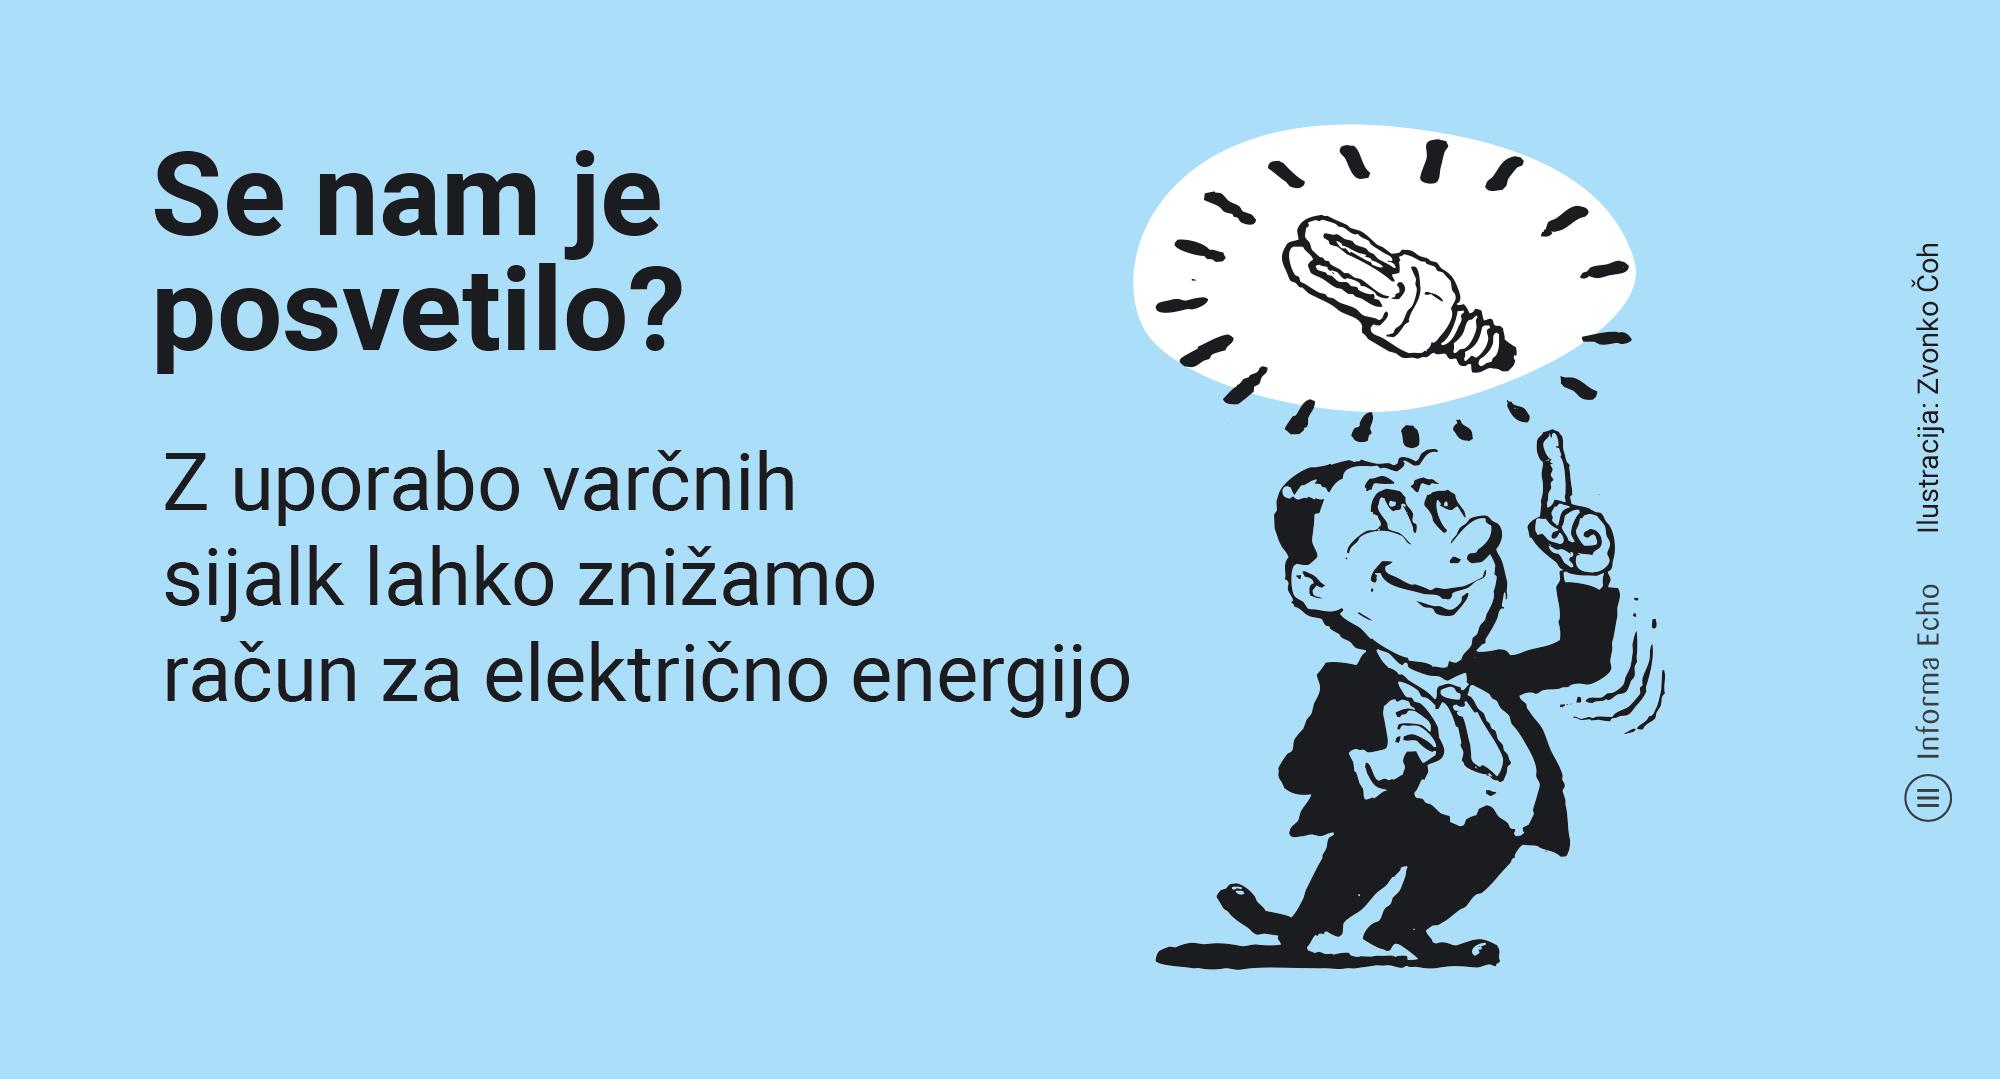 Z uporabo varčnih sijalk lahko znižamo račun za električno energijoSe nam je posvetilo? Ilustracija: Zvonko Čoh